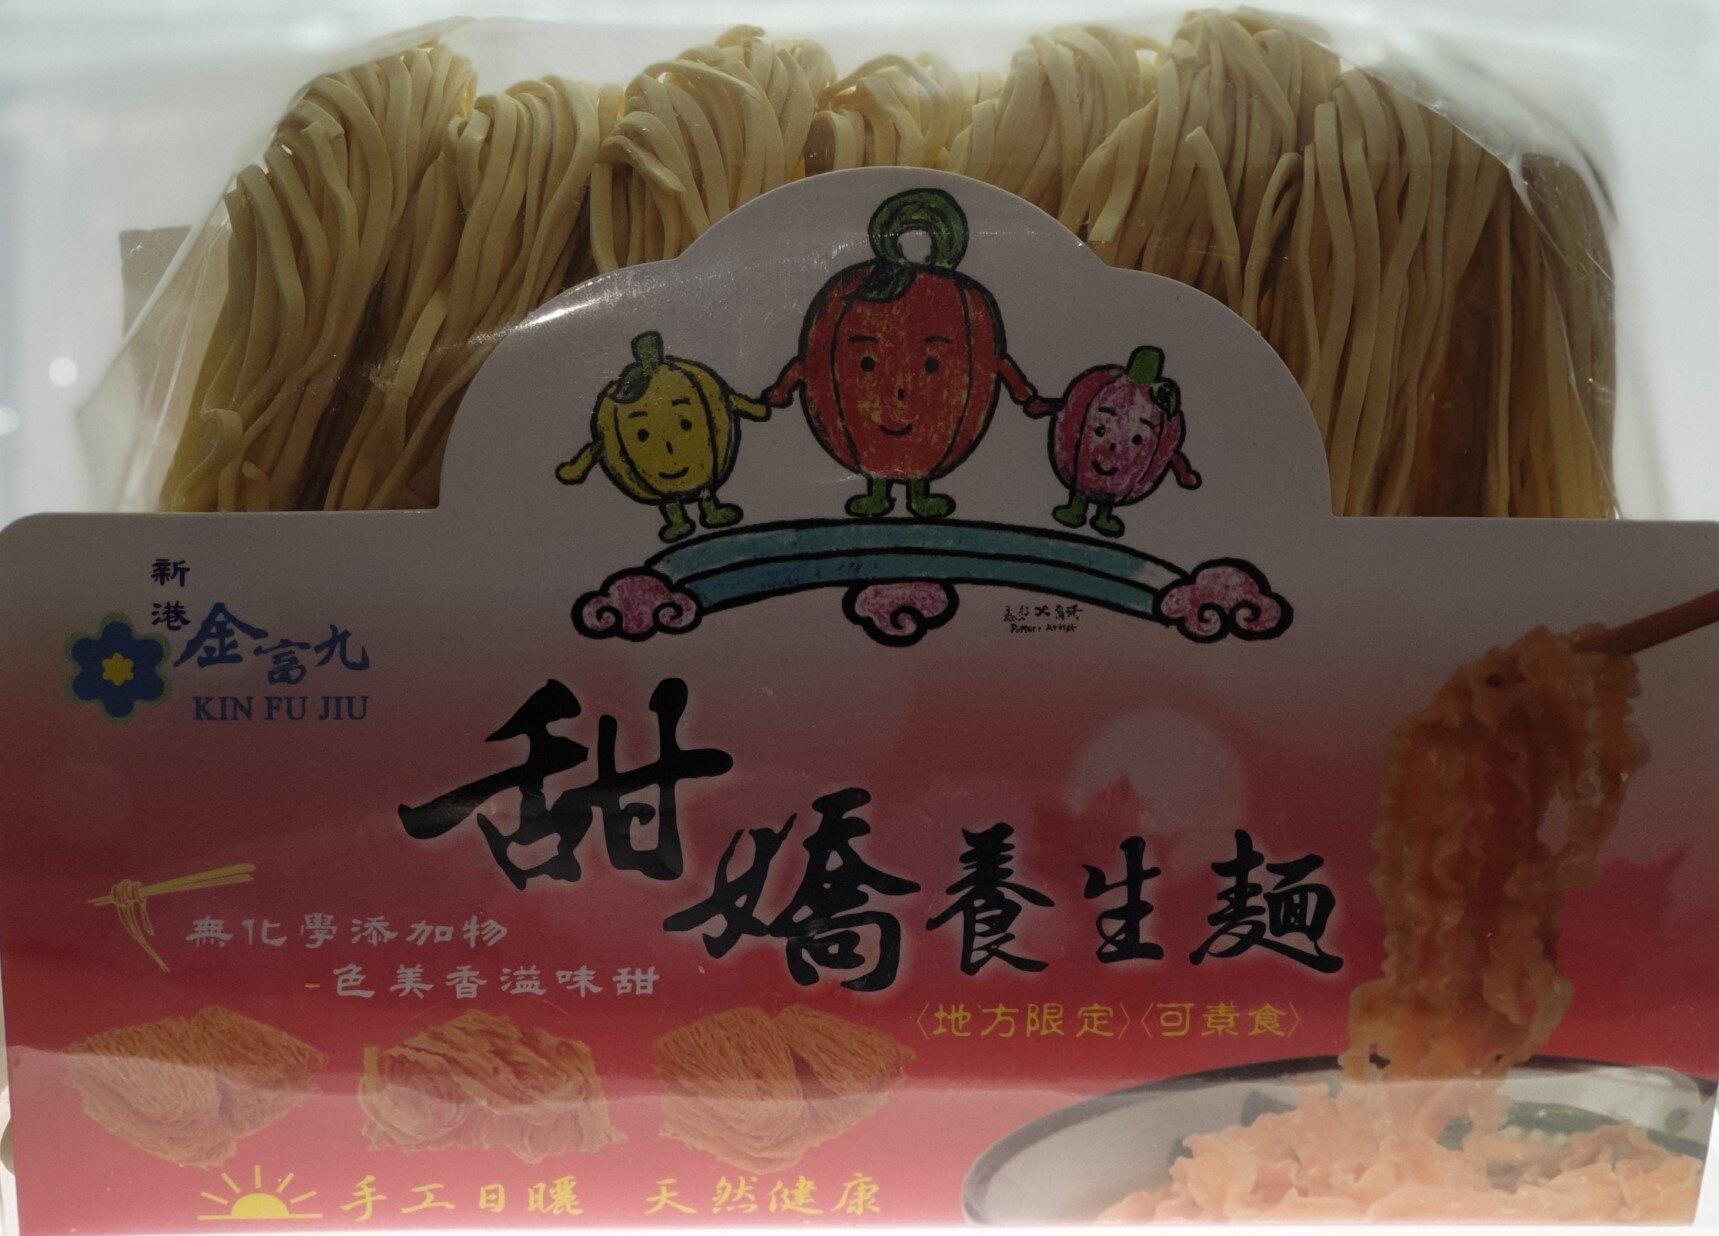 金富九甜嬌麵養生麵~黃意麵 400g (1/50g)共8份 乾麵/台灣甜椒/天然食材/MIT 台灣製造